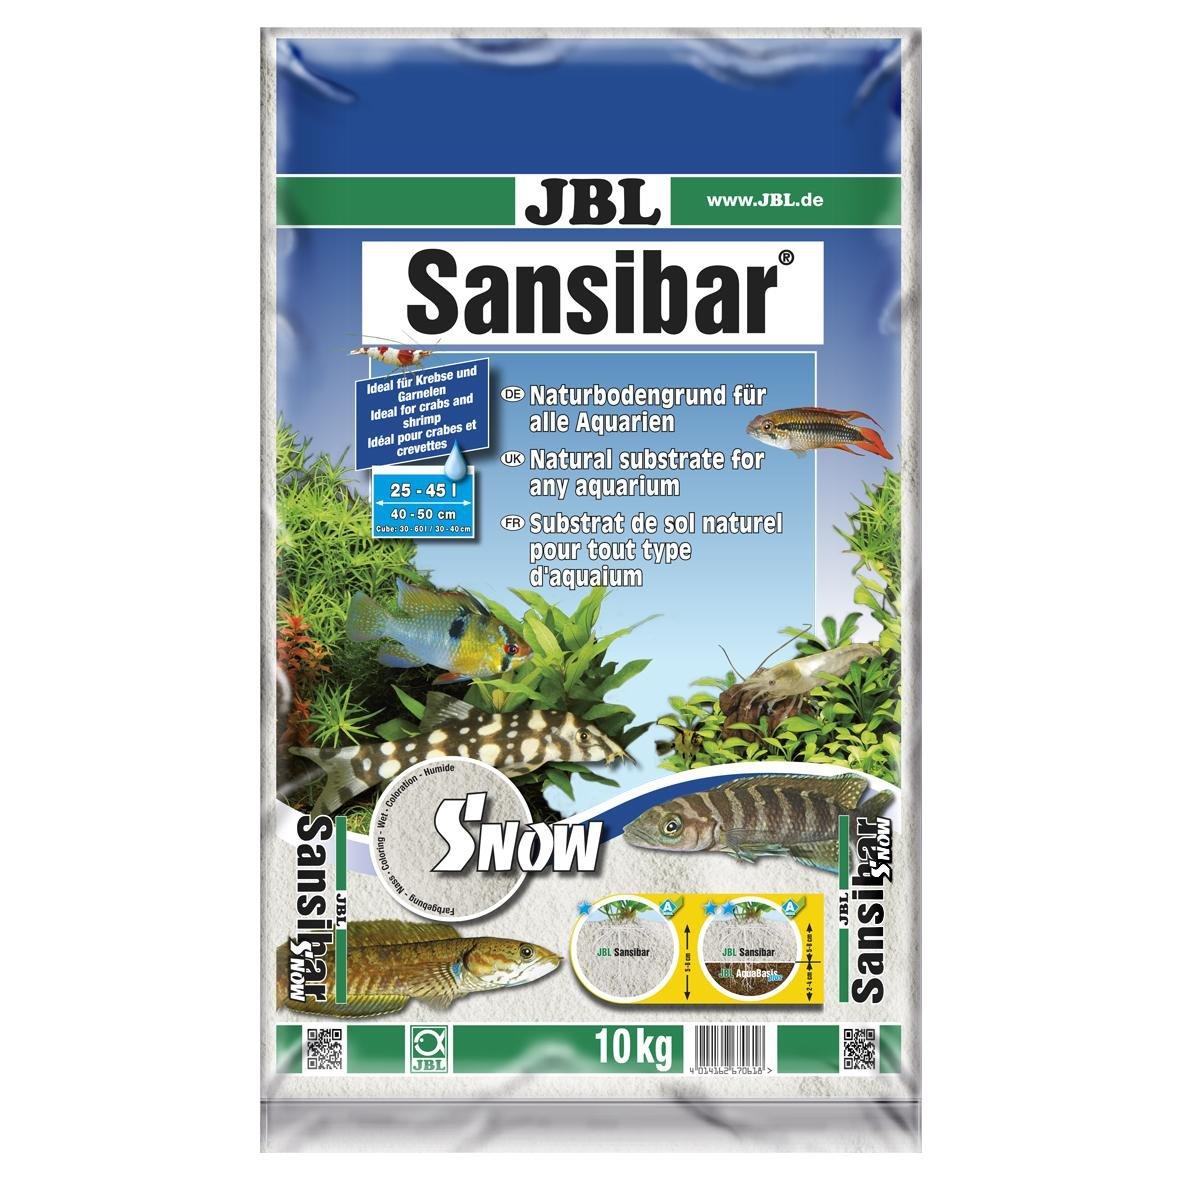 JBL Sansibar SNOW 5kg - Substrat de sol blanc neige pour aquariums d'eau douce ou d'eau de mer et aqua-terrariums 6706000